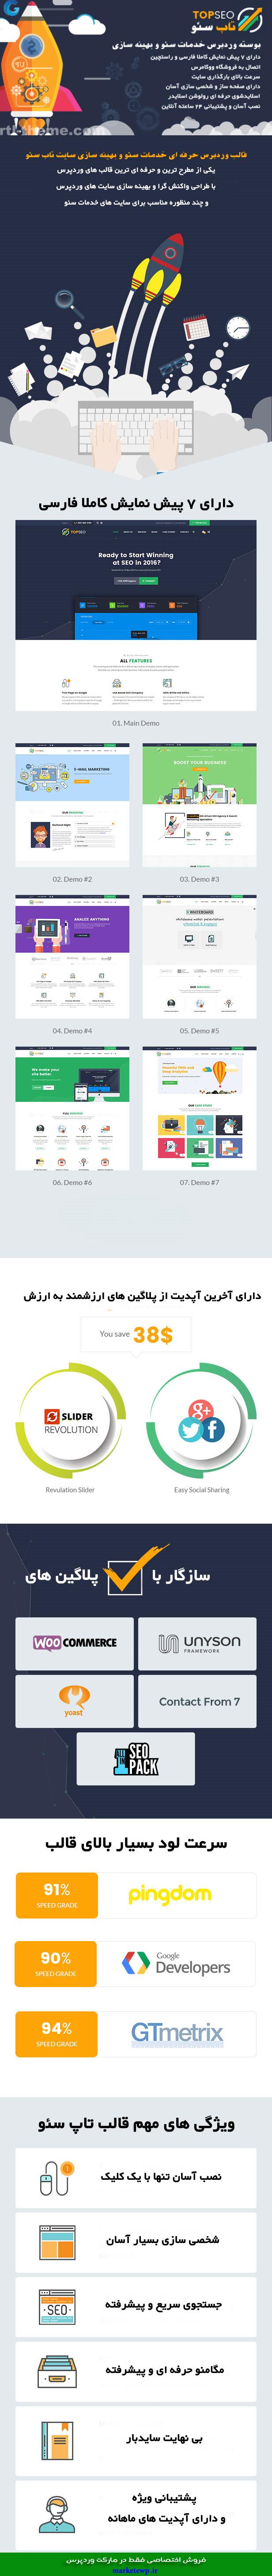 http://s9.picofile.com/file/8316662234/%D9%82%D8%A7%D9%84%D8%A8_%D8%AA%D8%A7%D9%BE_%D8%B3%D8%A6%D9%88.jpg